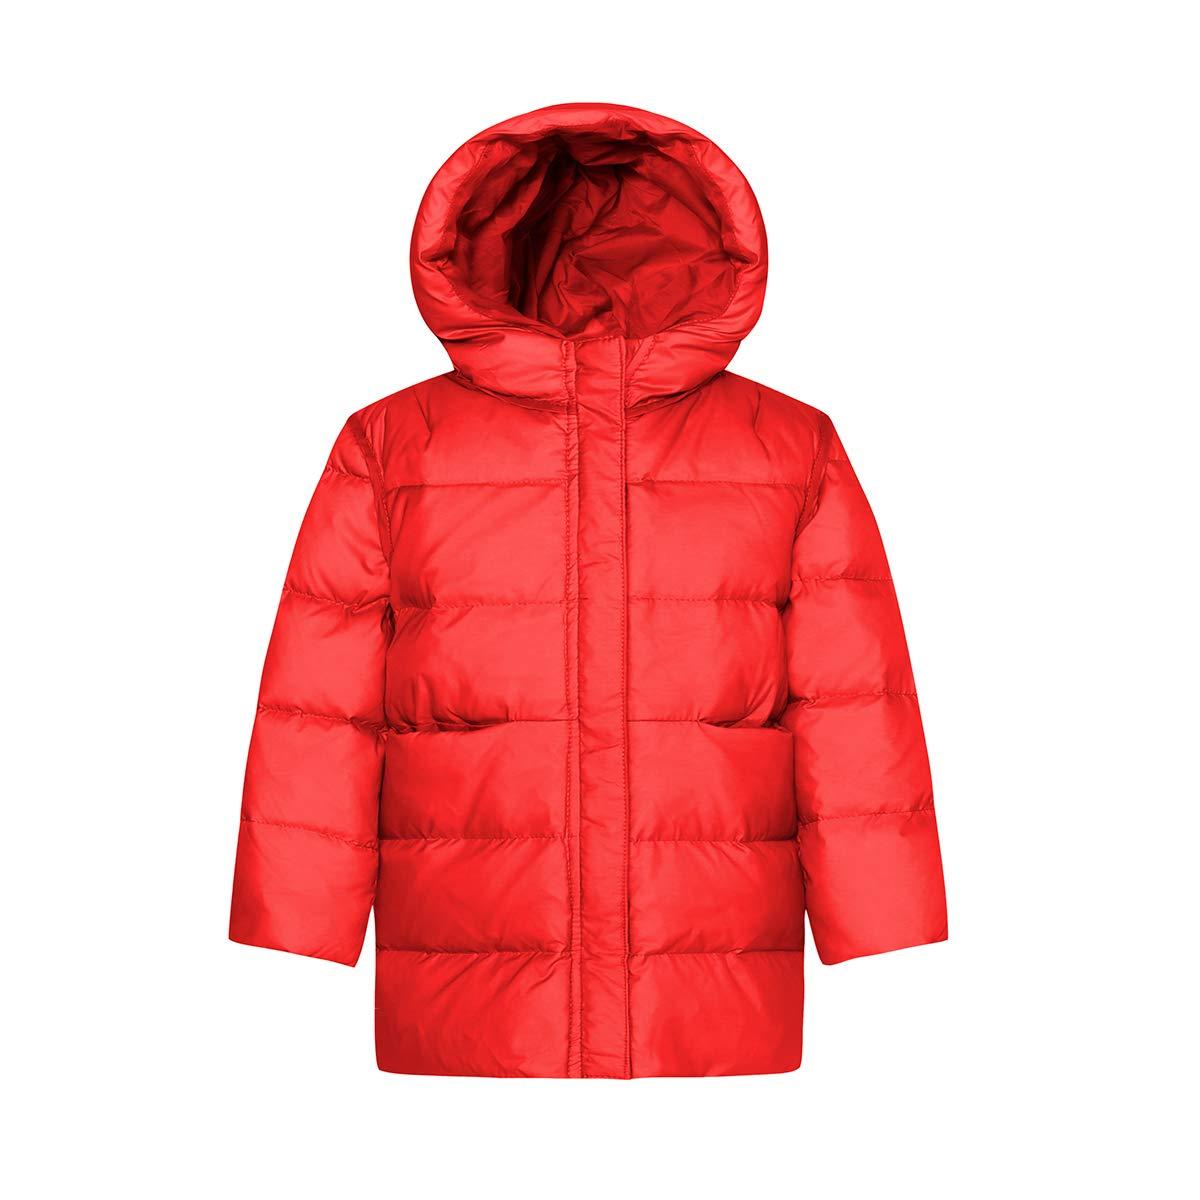 American Trends Baby Girl's Winter Coat Fleece Hooded Puffer Winter Jacket Outwear ATNEOAS2652T0000